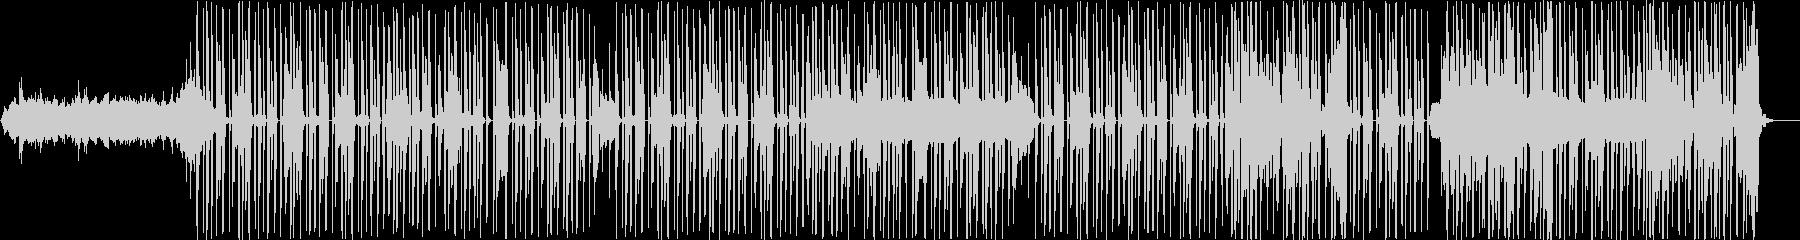 エミネム。ヒップホップ。 R&B。の未再生の波形